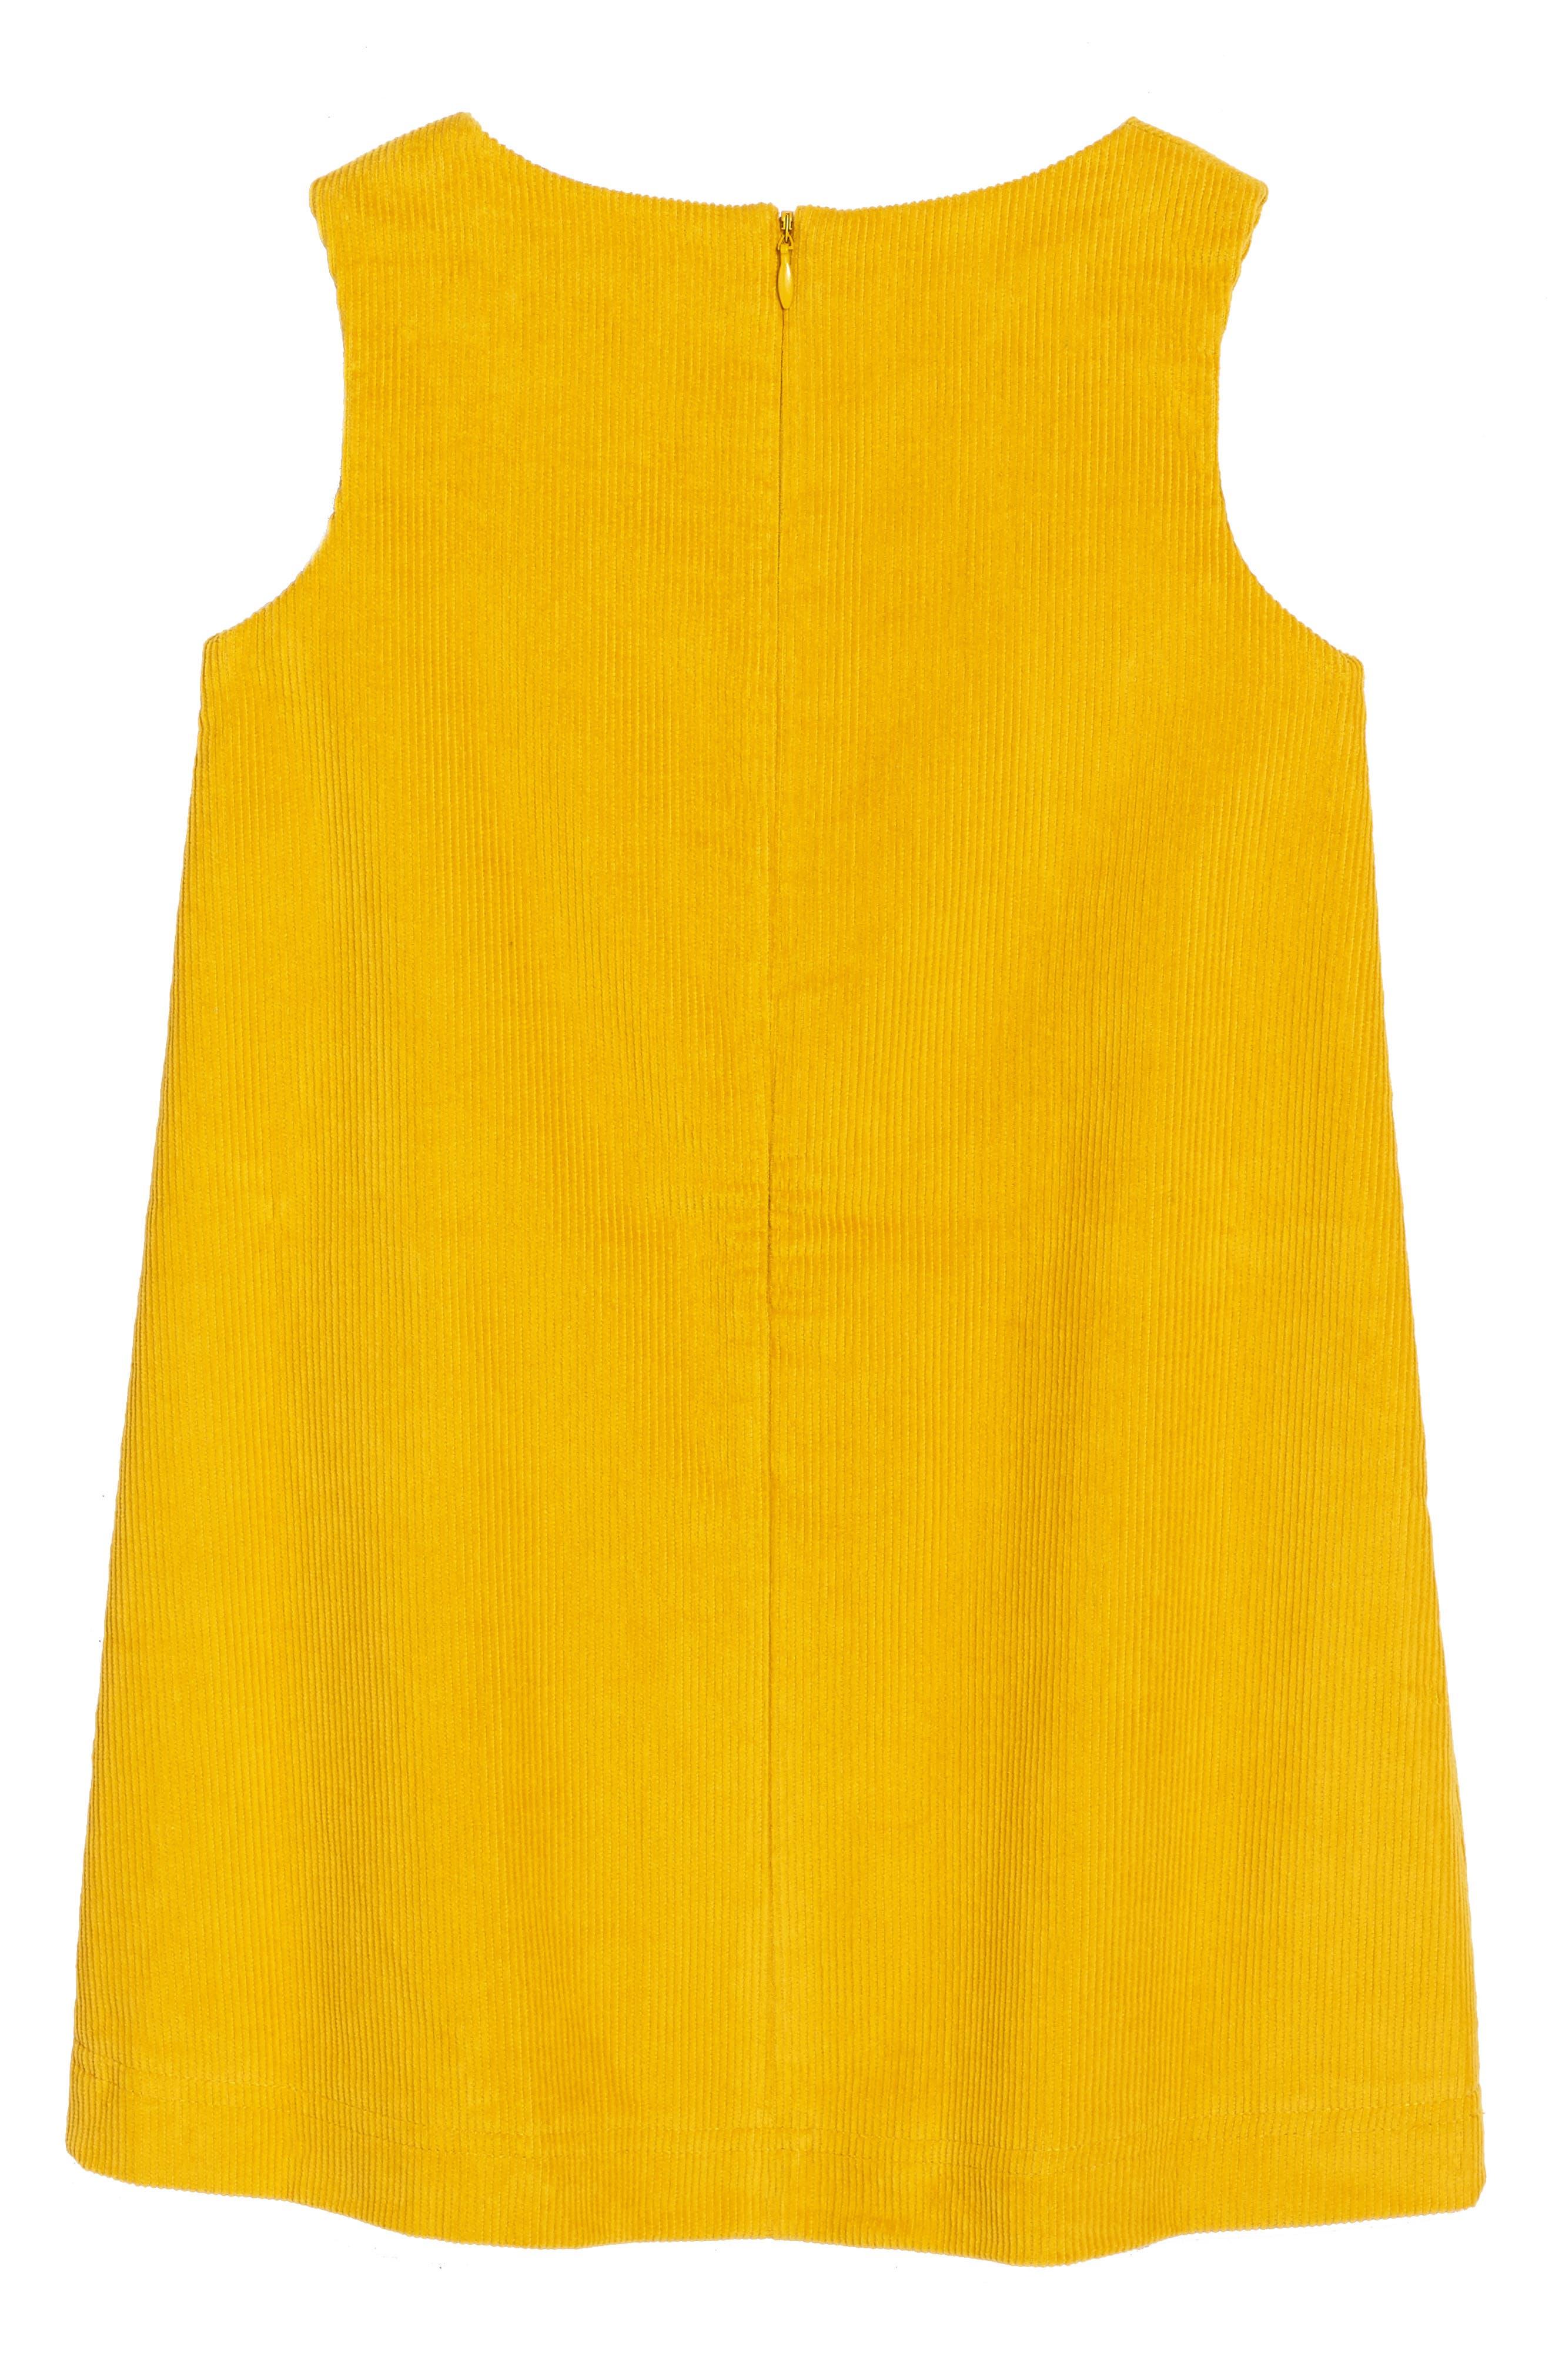 Alternate Image 2  - Mini Boden Animal Appliqué Dress (Toddler Girls, Little Girls & Big Girls)